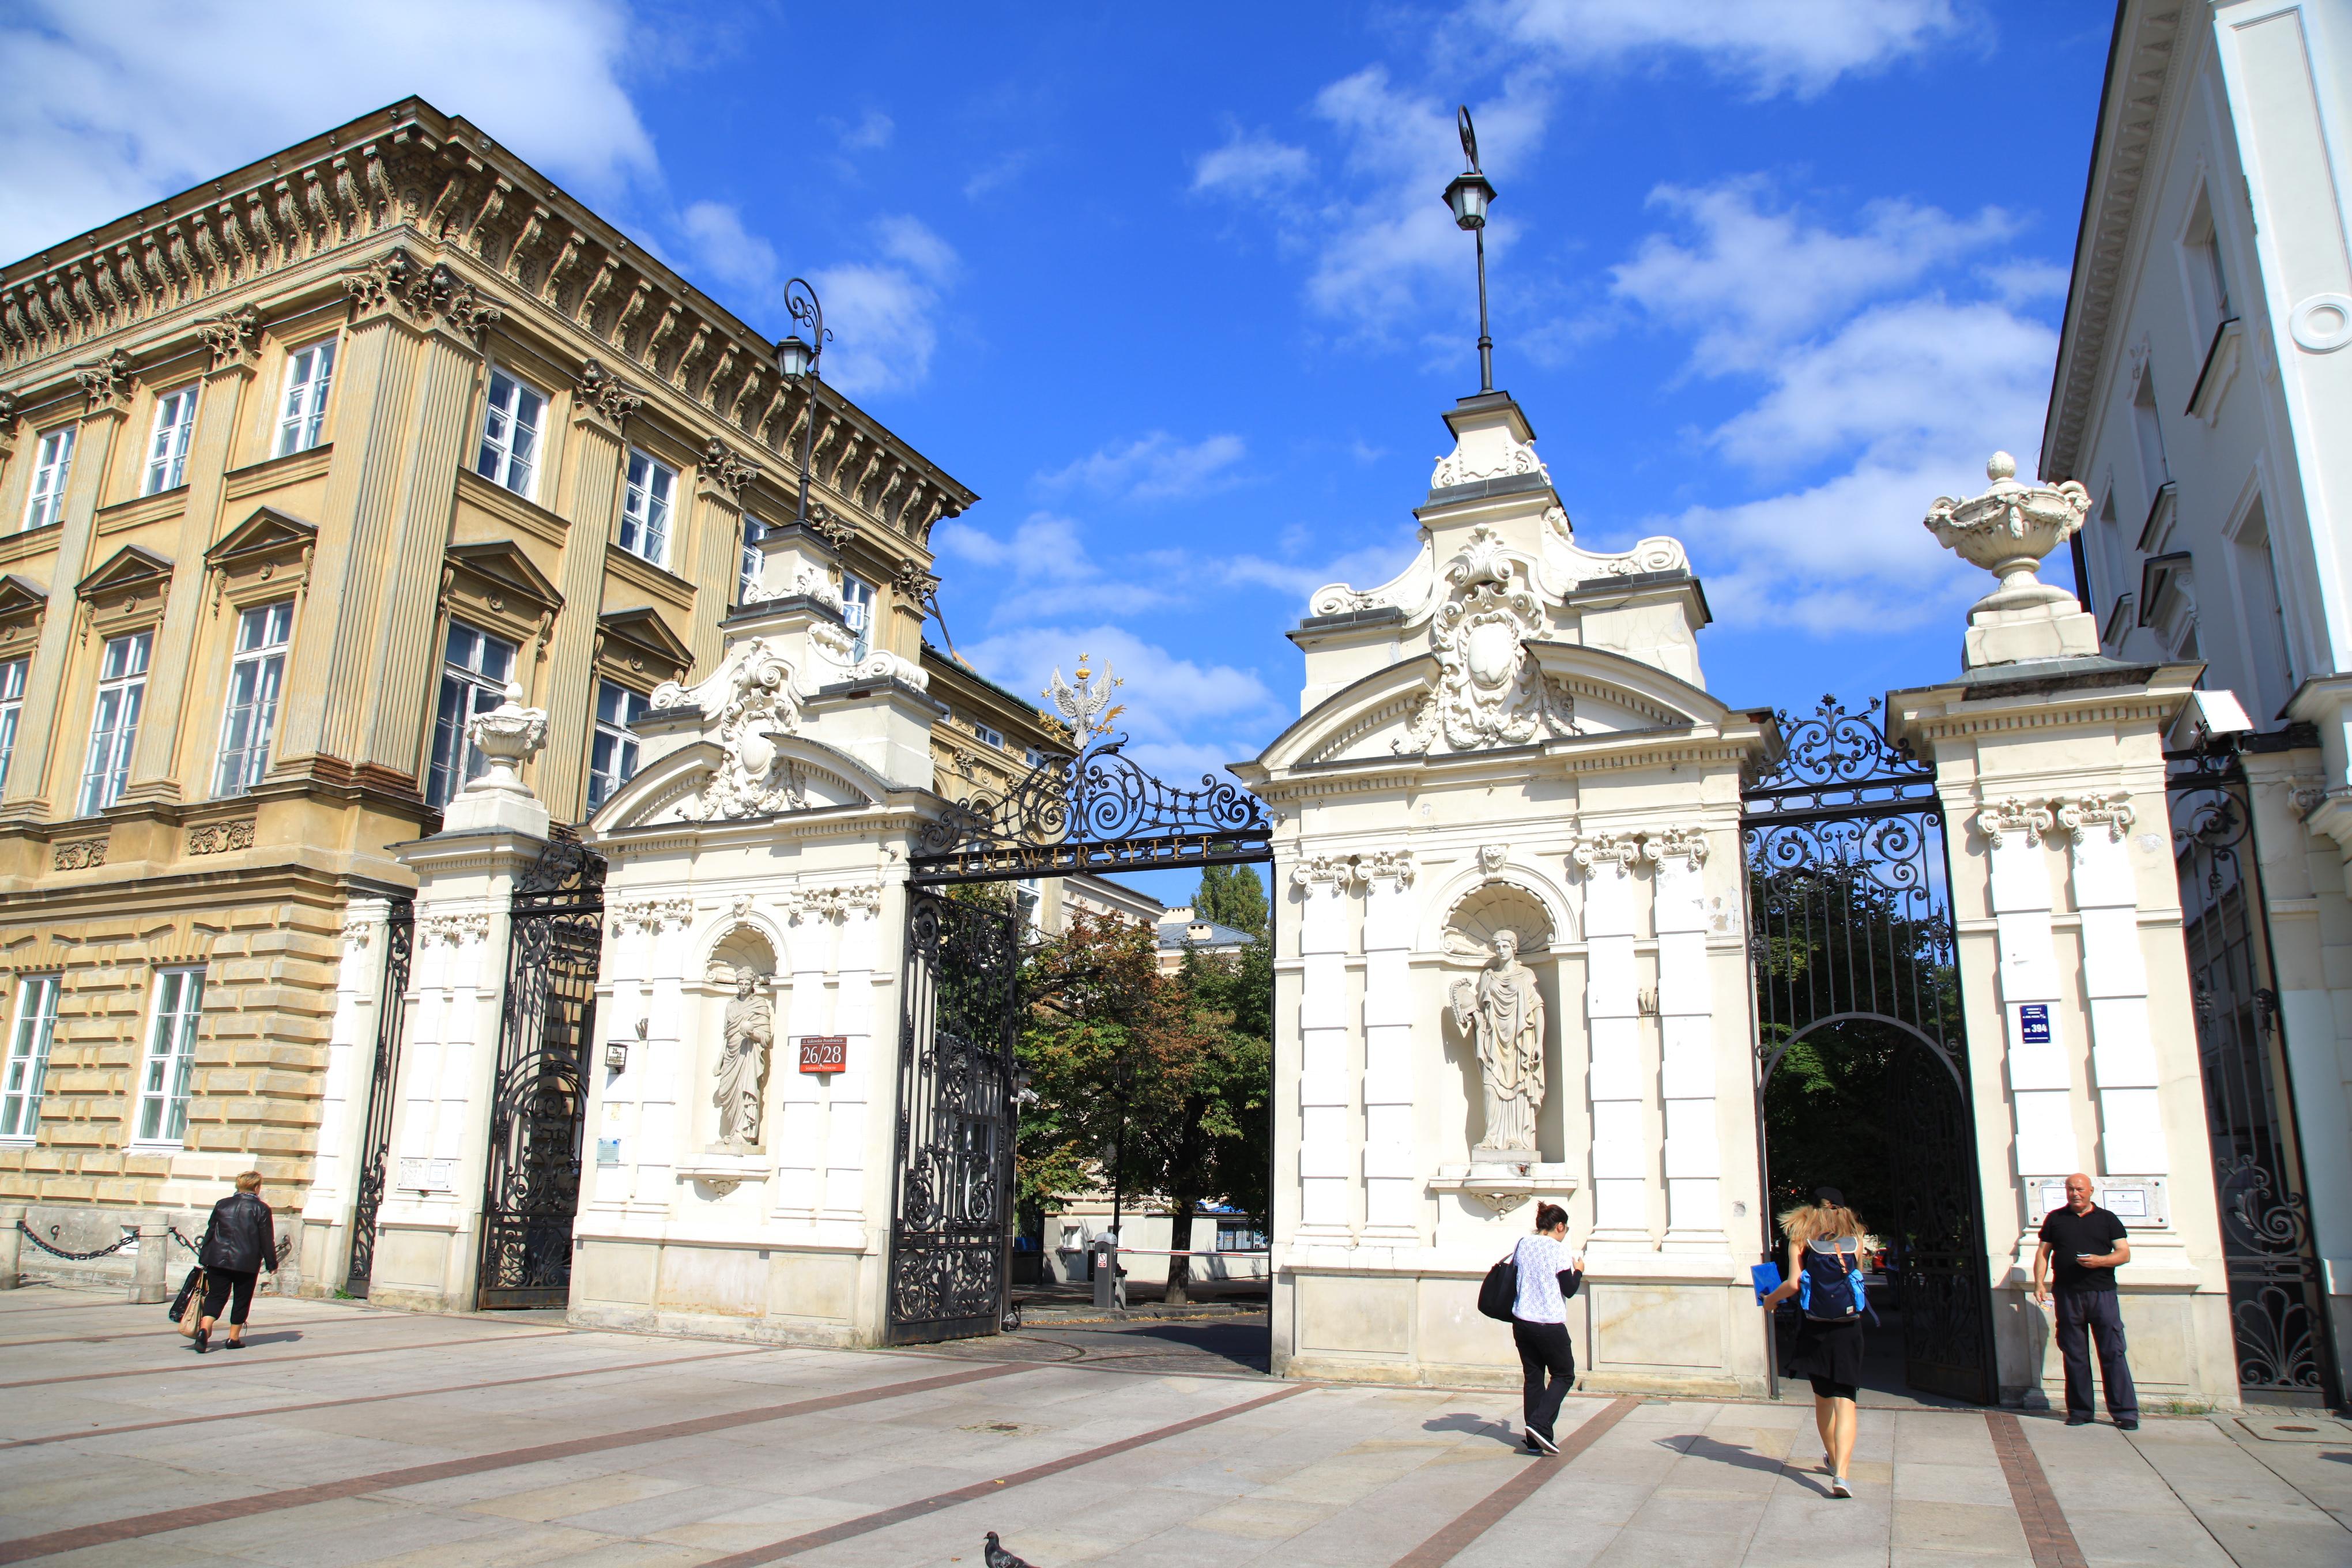 大学��`a�.9i*y�!��,_                    华沙大学.